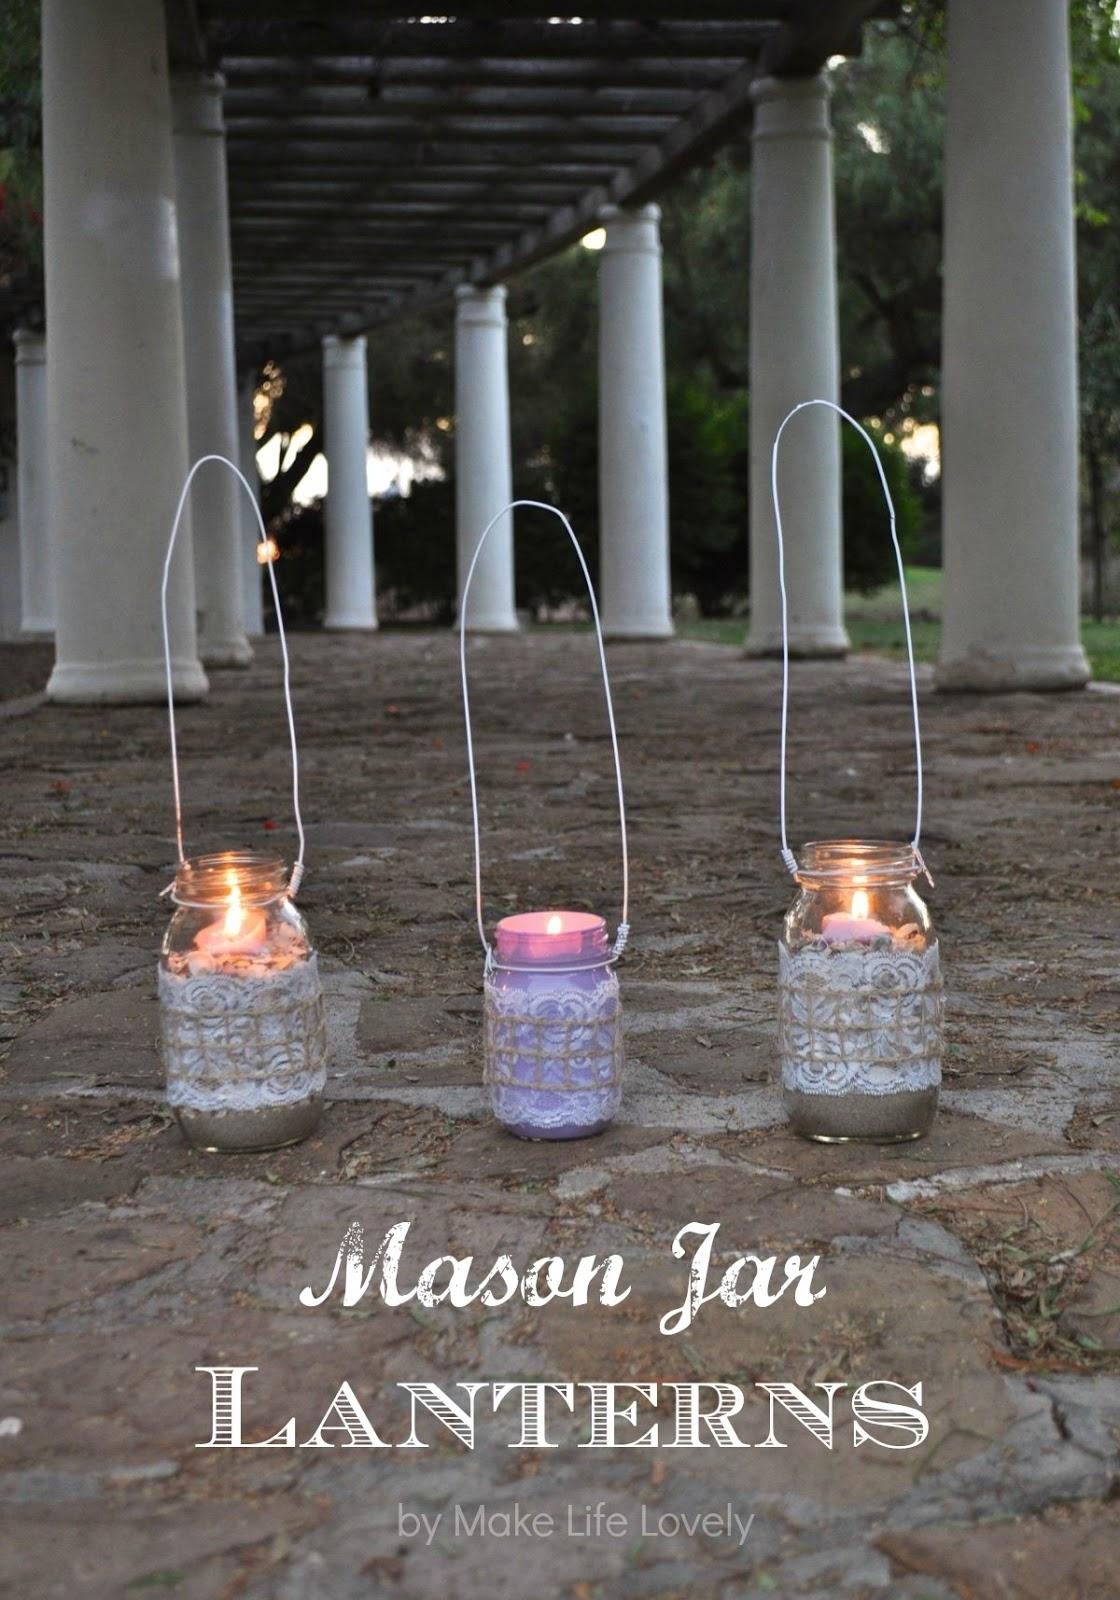 How To Make Mason Jar Lanterns - Make Life Lovely with regard to Outdoor Jar Lanterns (Image 11 of 20)